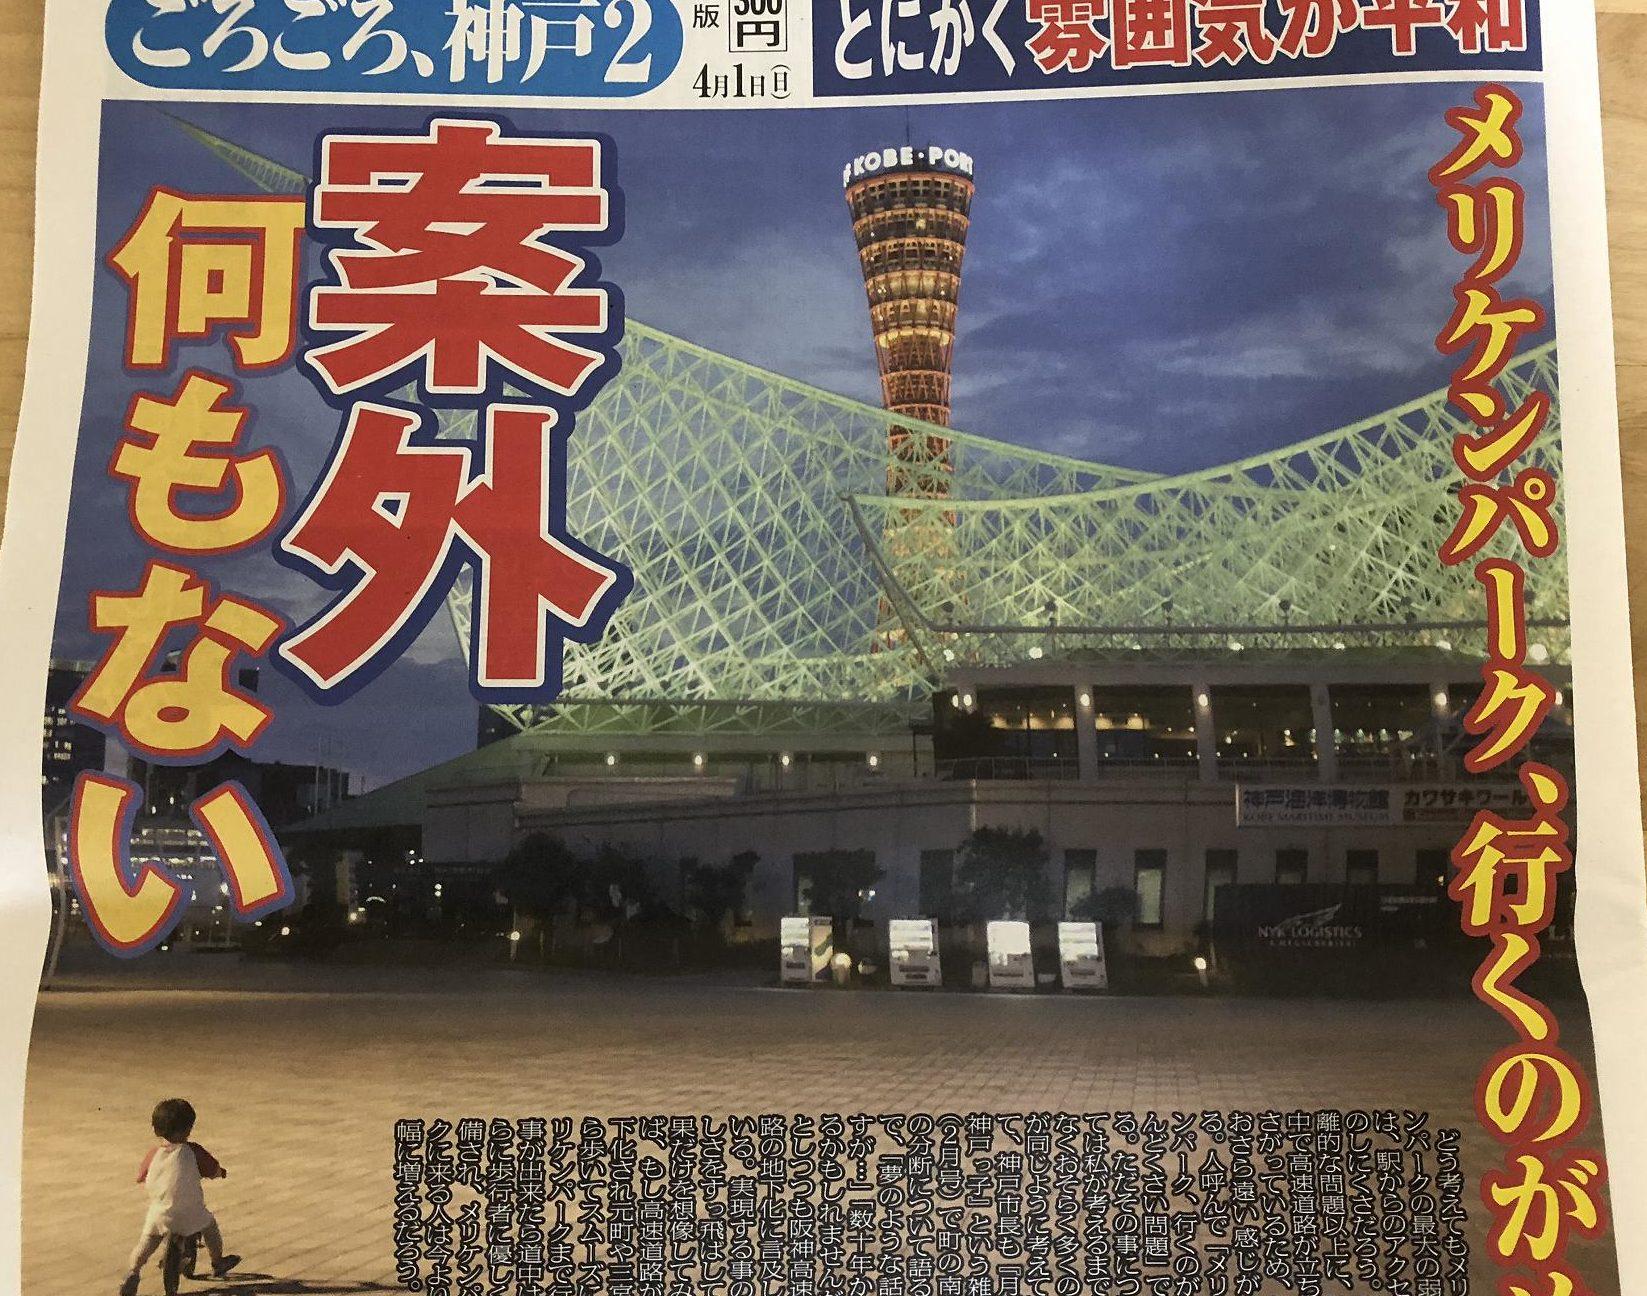 『ごろごろ、神戸2』のタブロイド判が販売されたので、購入してみた! #平民金子 #神戸市 #ごろごろ神戸2